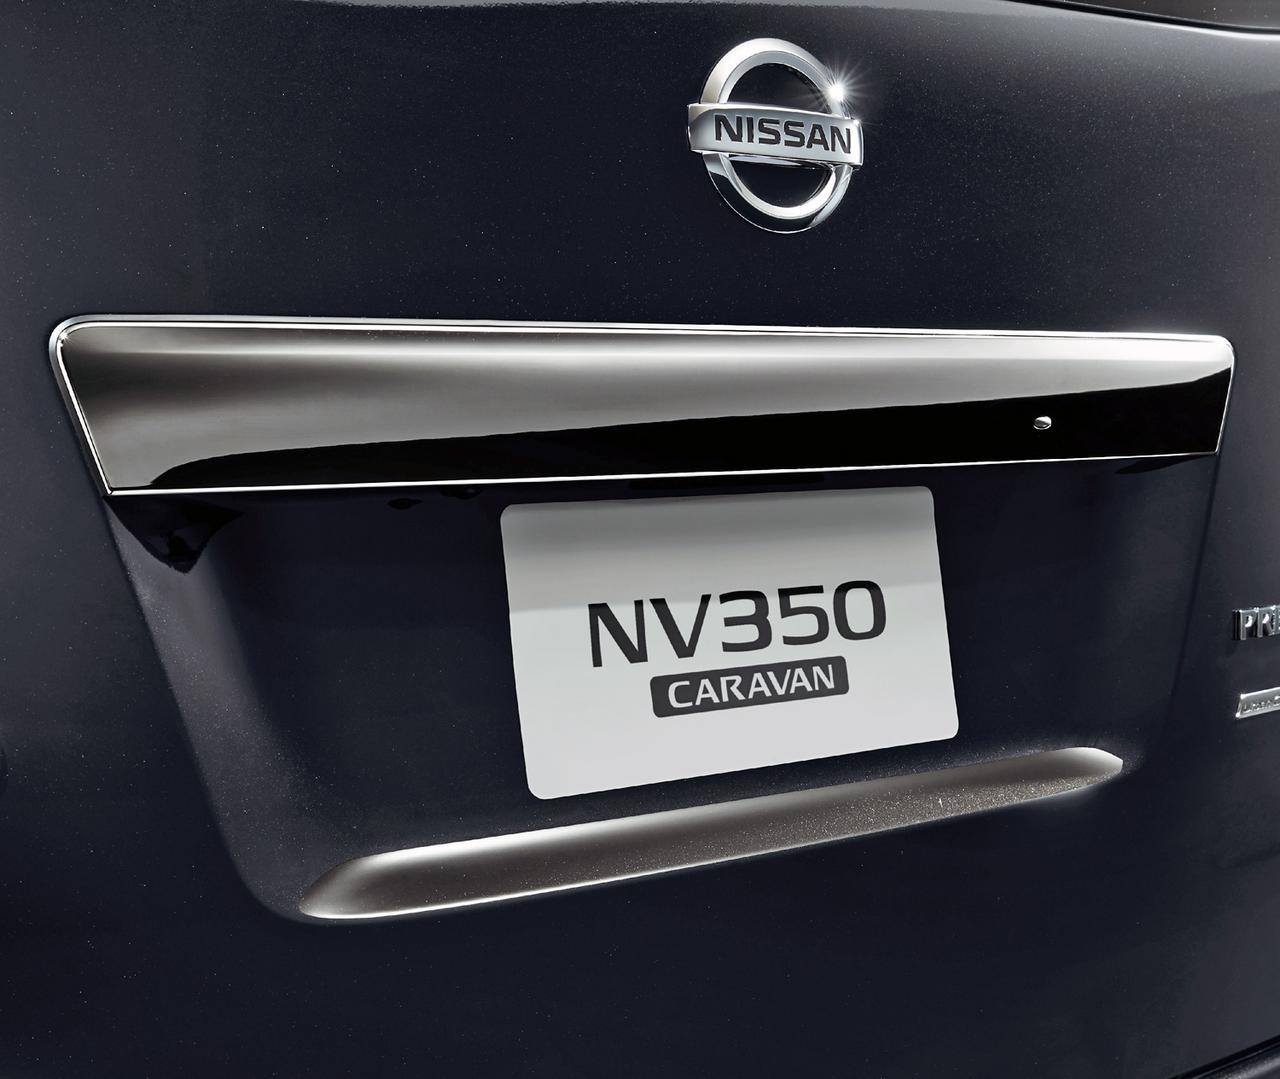 Images : 7番目の画像 - NV350キャラバン 特別仕様車 - Webモーターマガジン